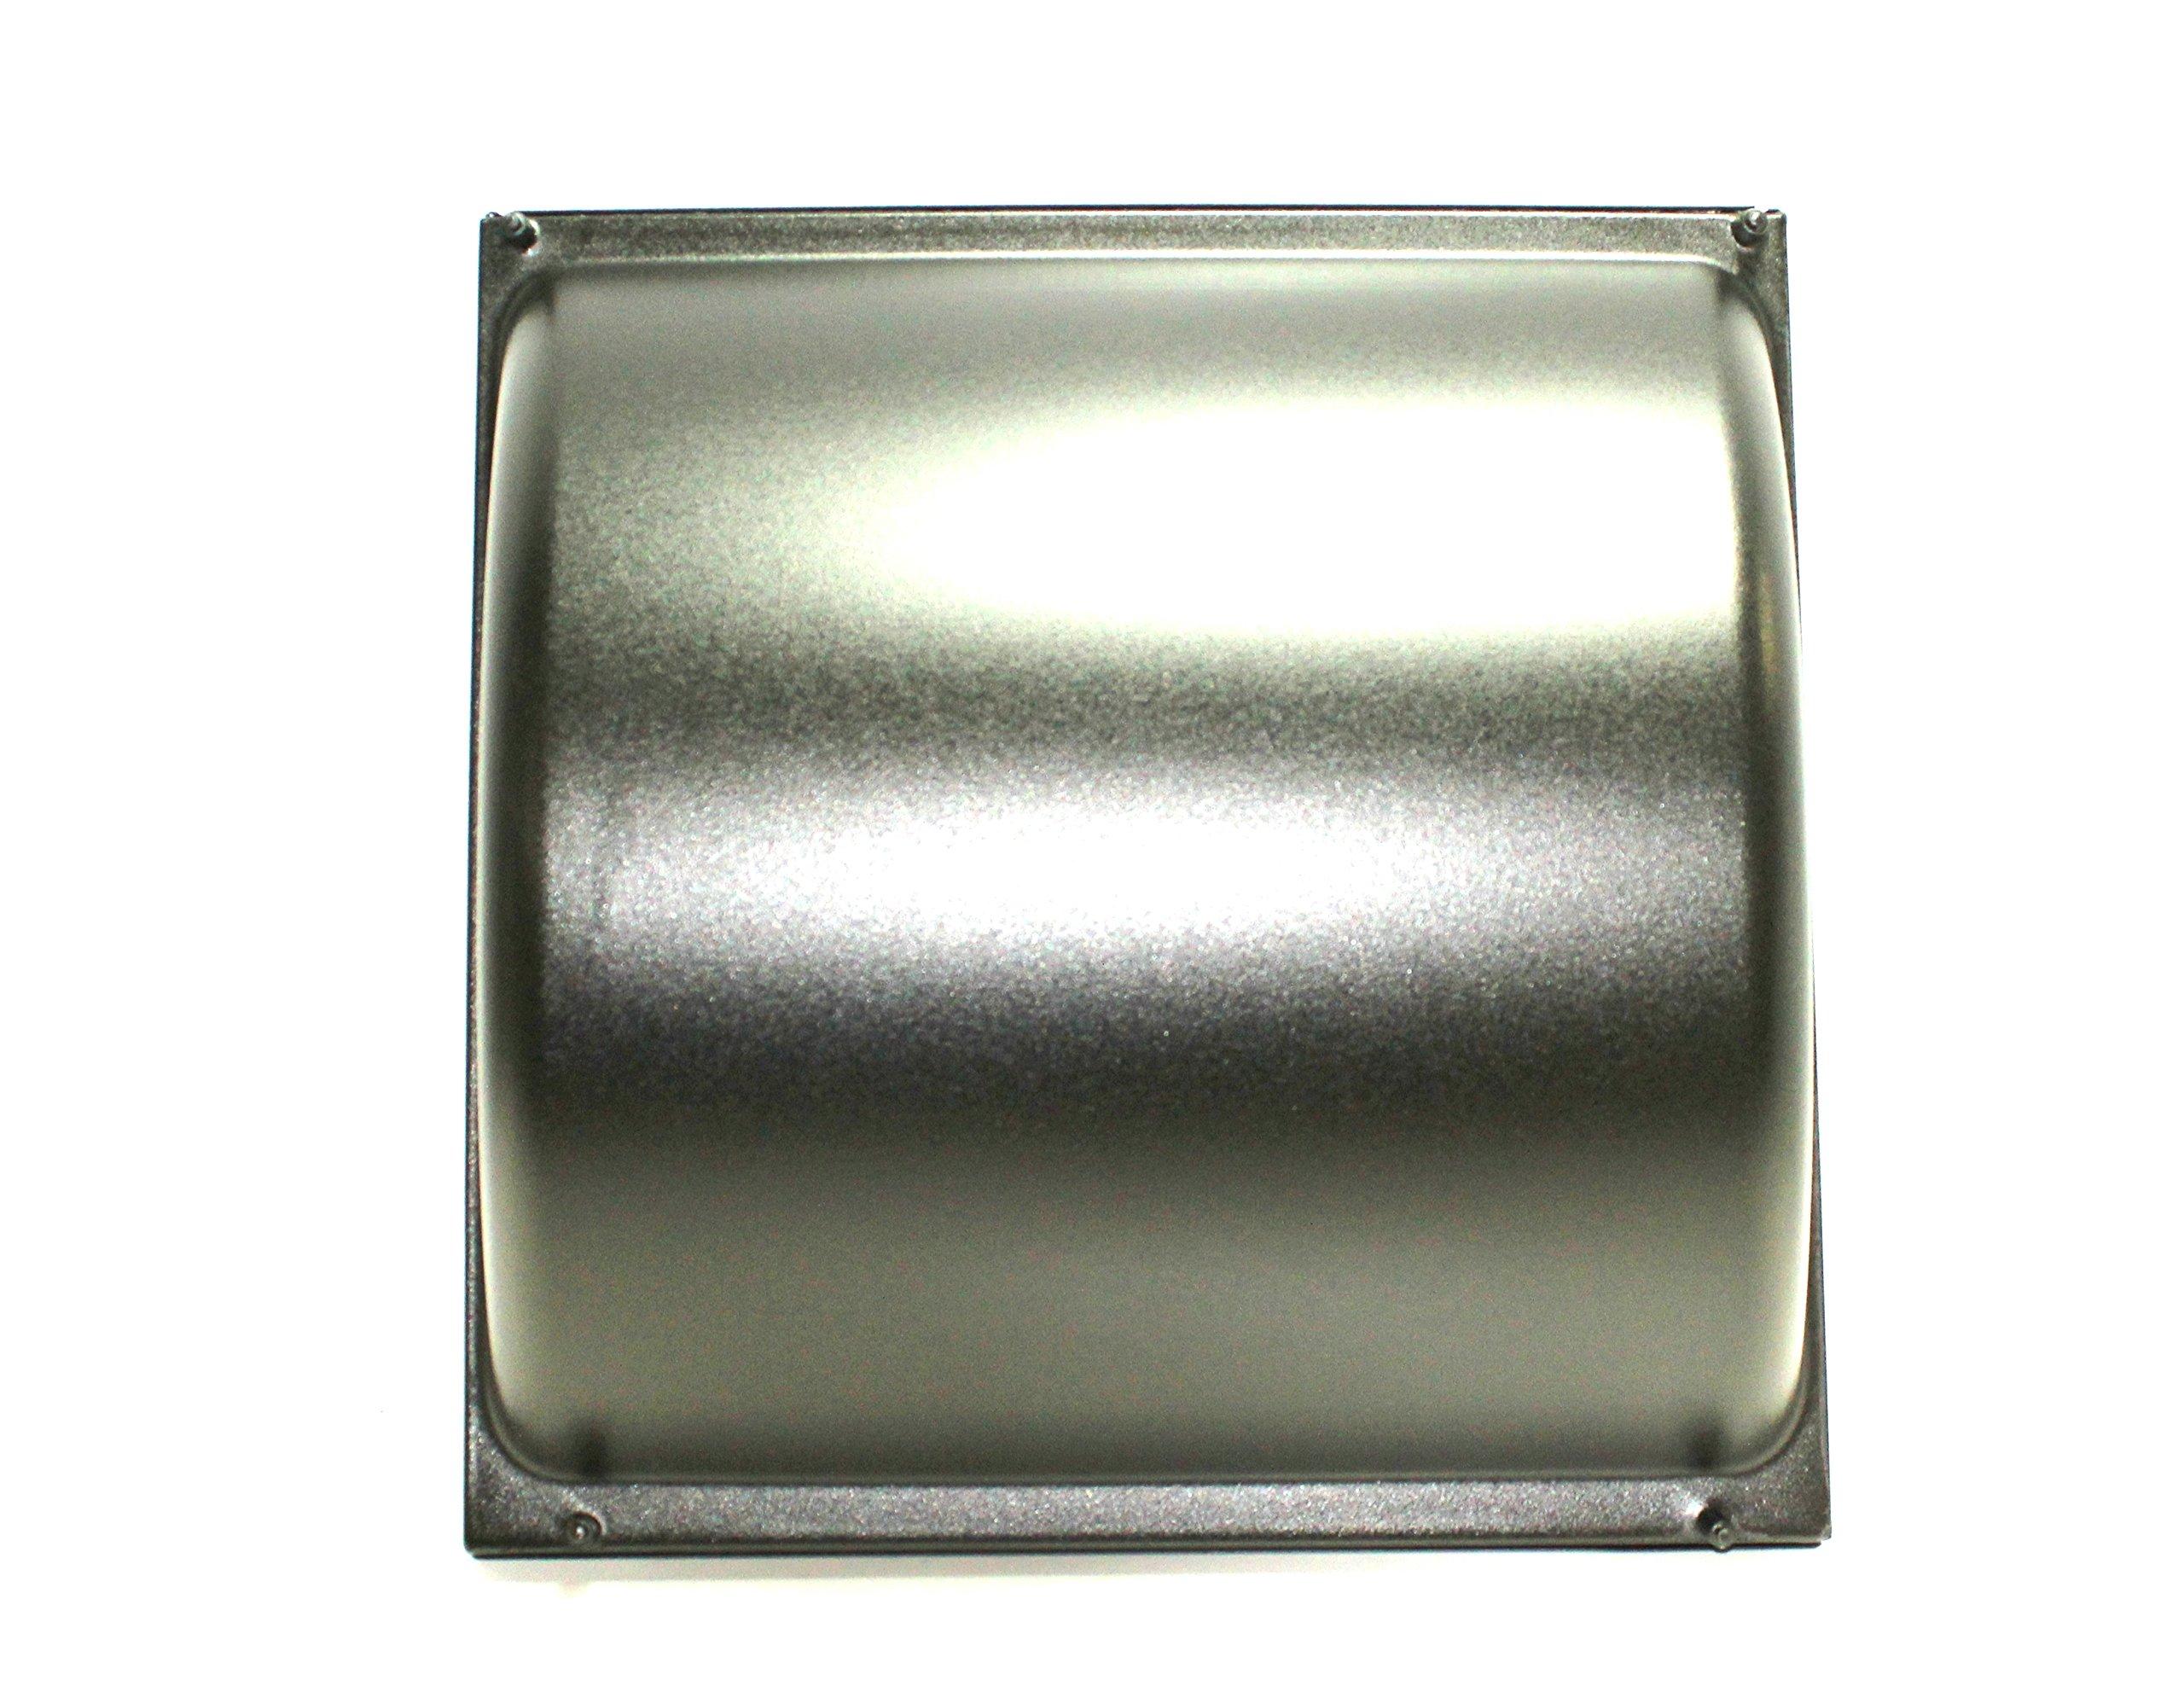 Trough, Firebox (G352-1000-W1) by Char-Broil